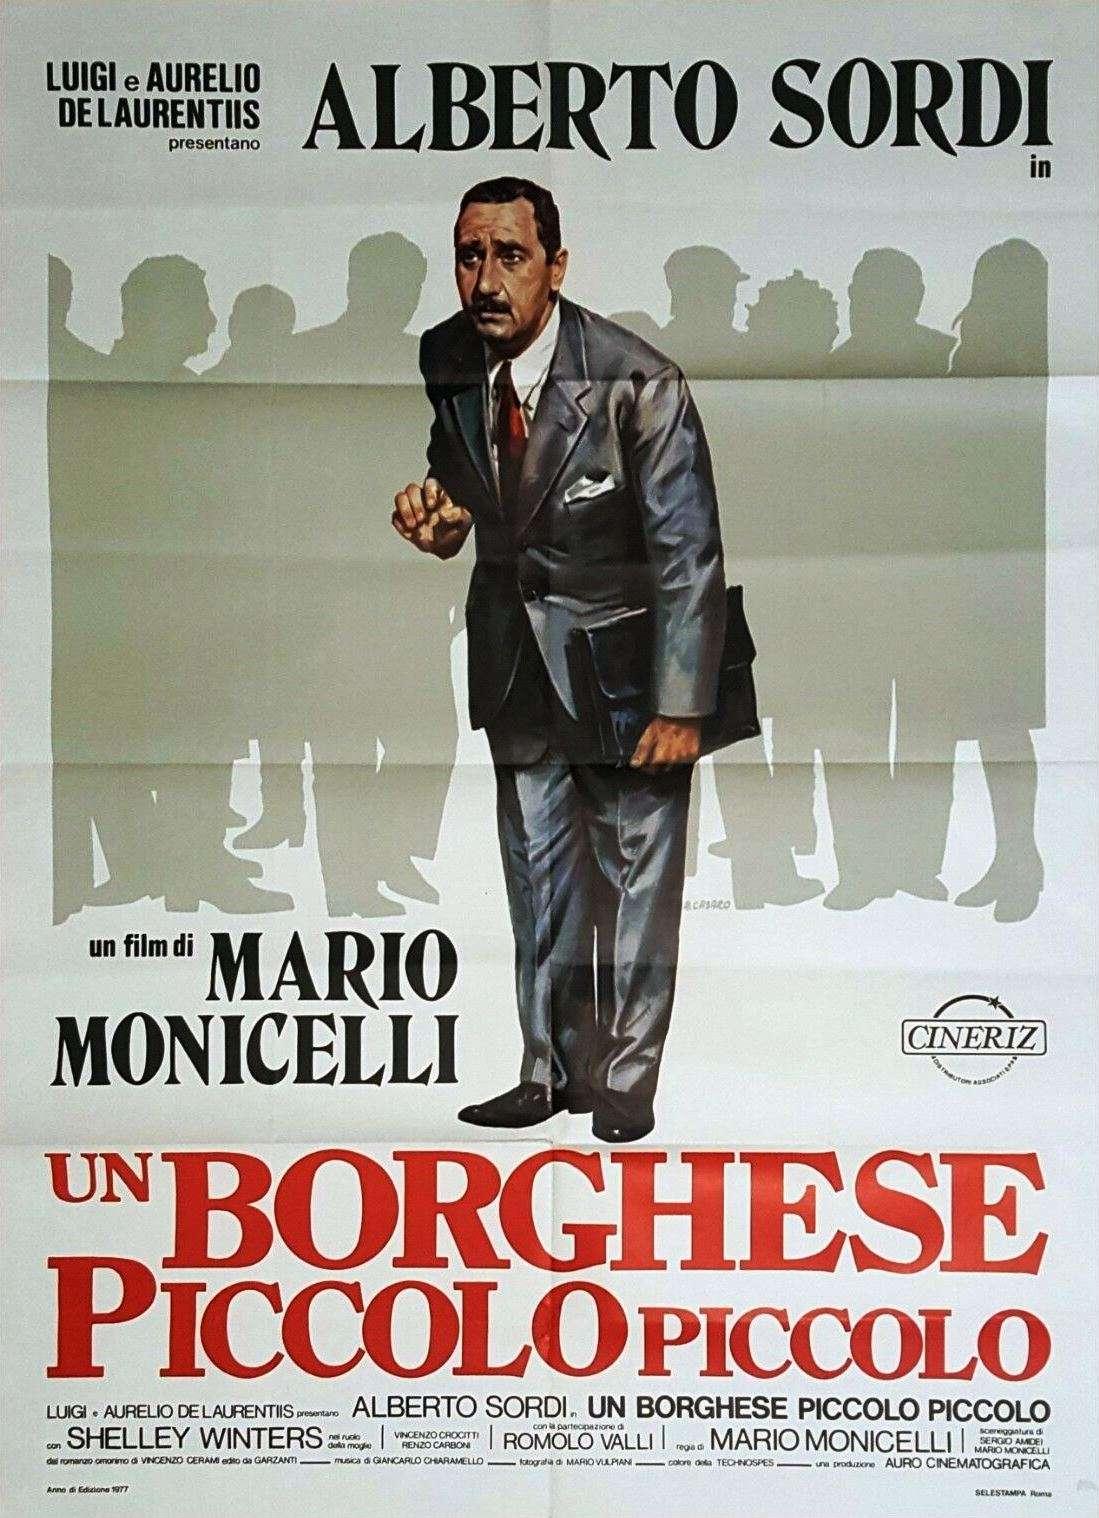 Un borghese piccolo piccolo (1976/'77) di Mario Monicelli